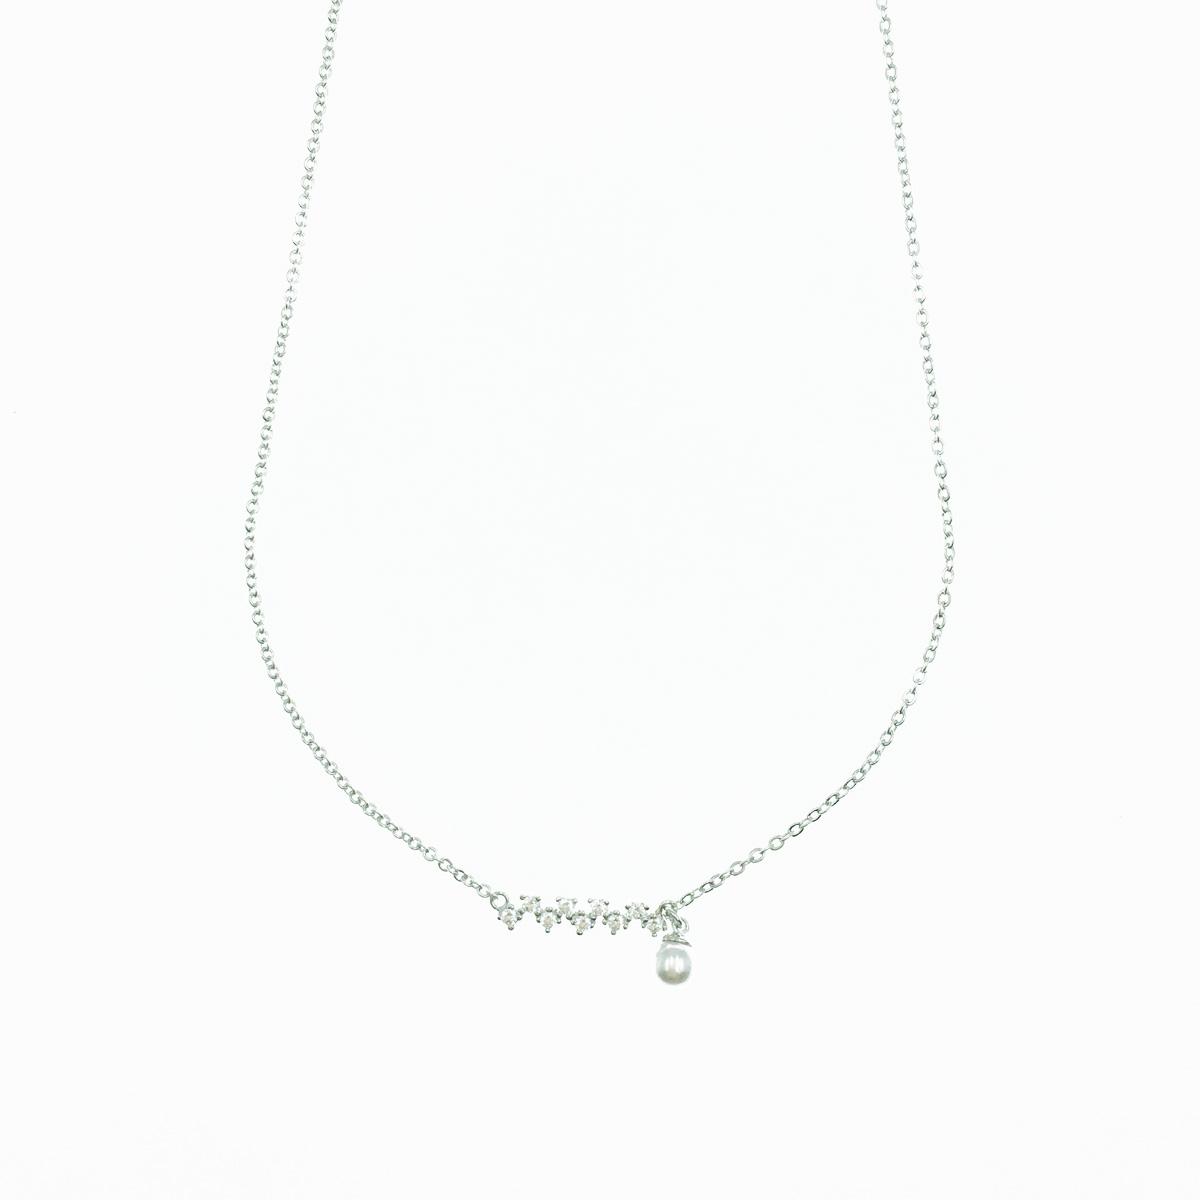 韓國 水鑽 珍珠 氣質甜美款 簡約 項鍊